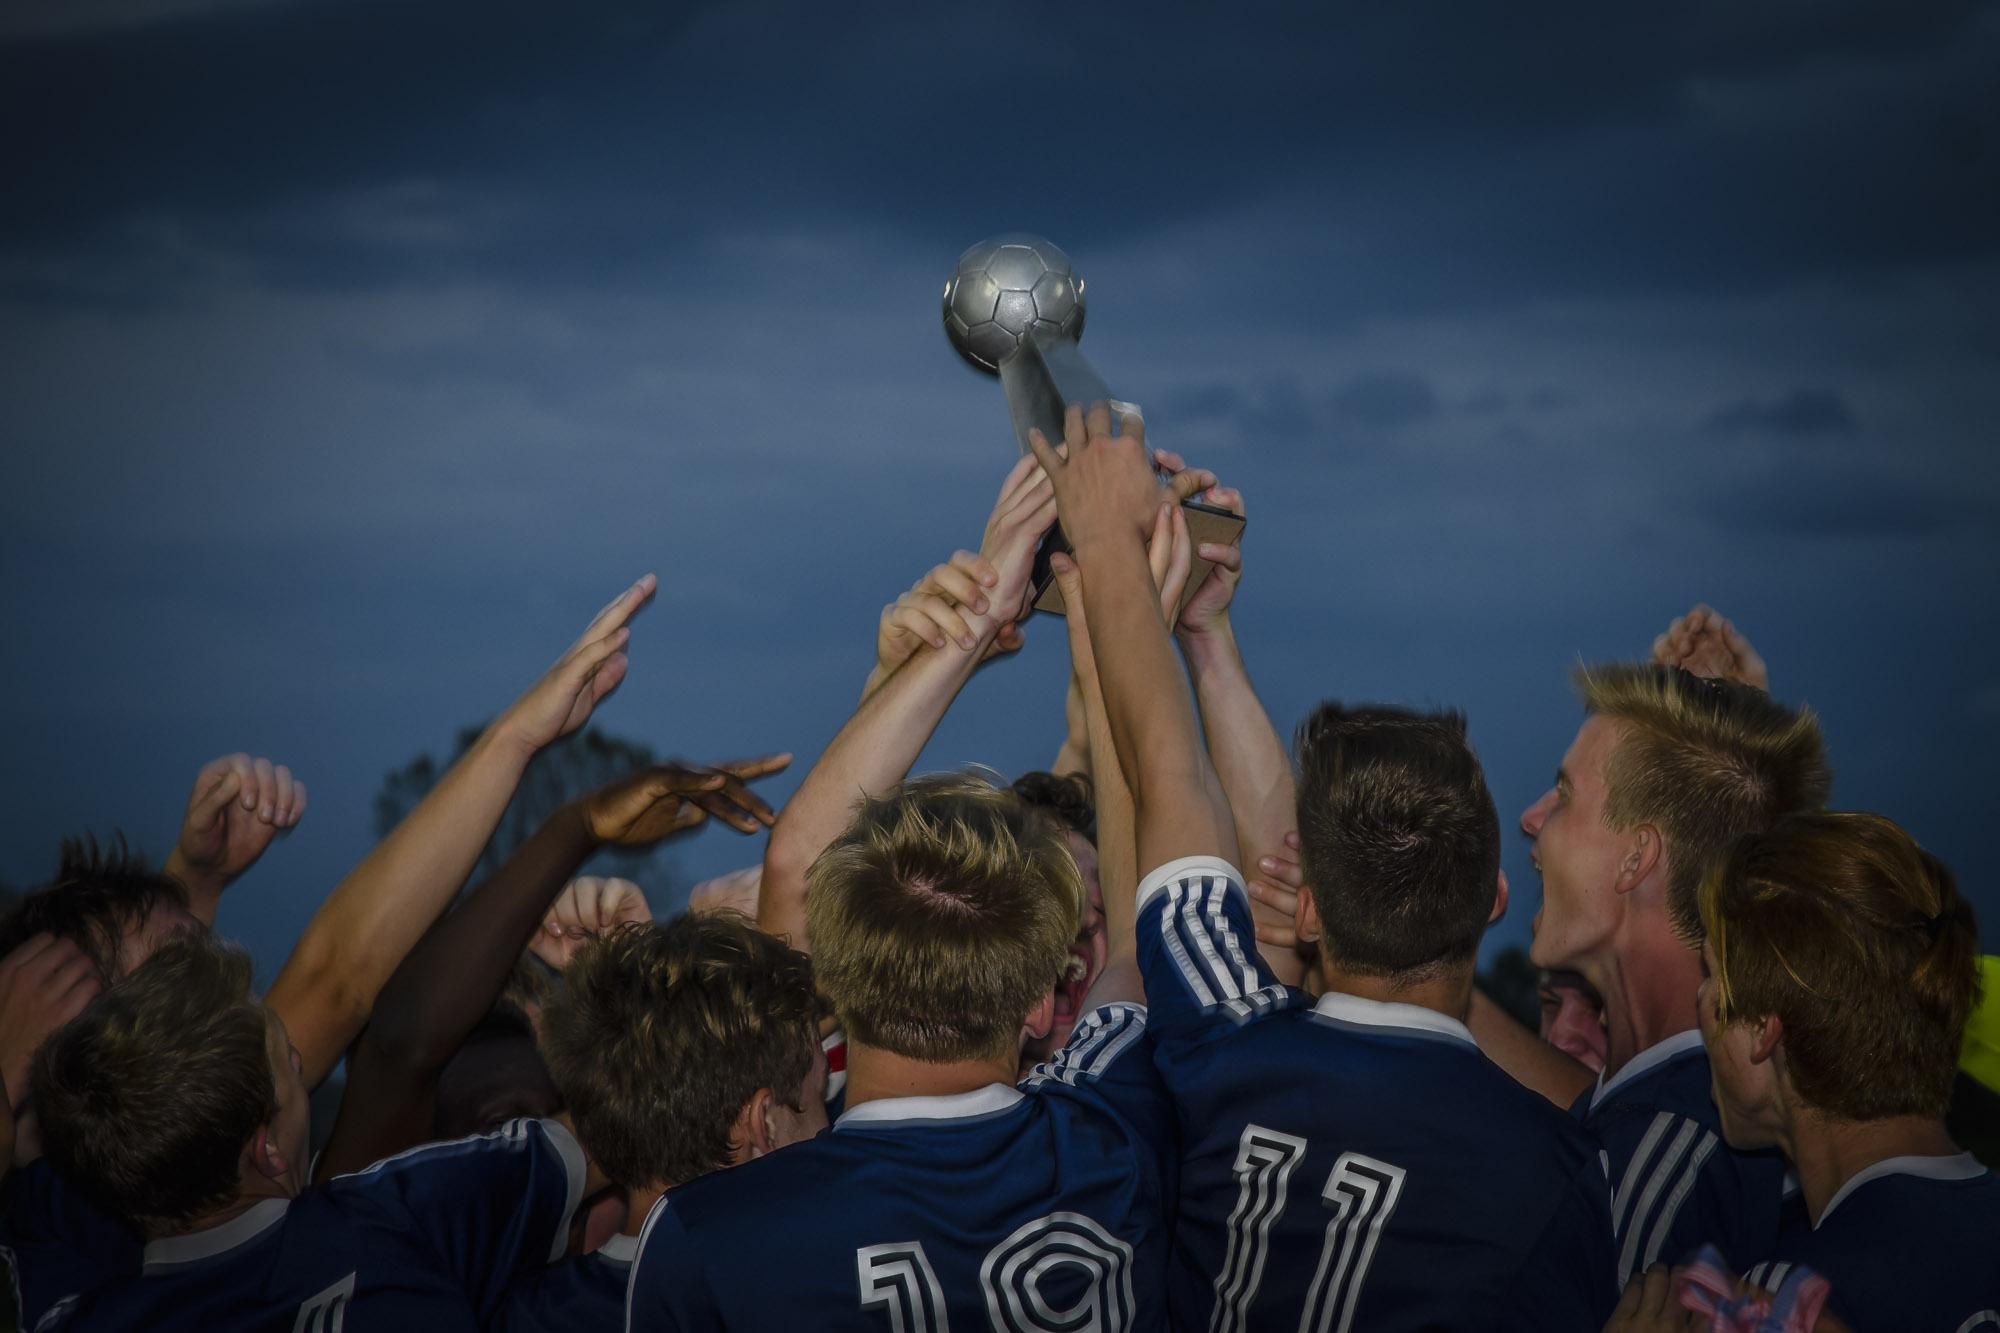 2017 Boys Varsity State Champions